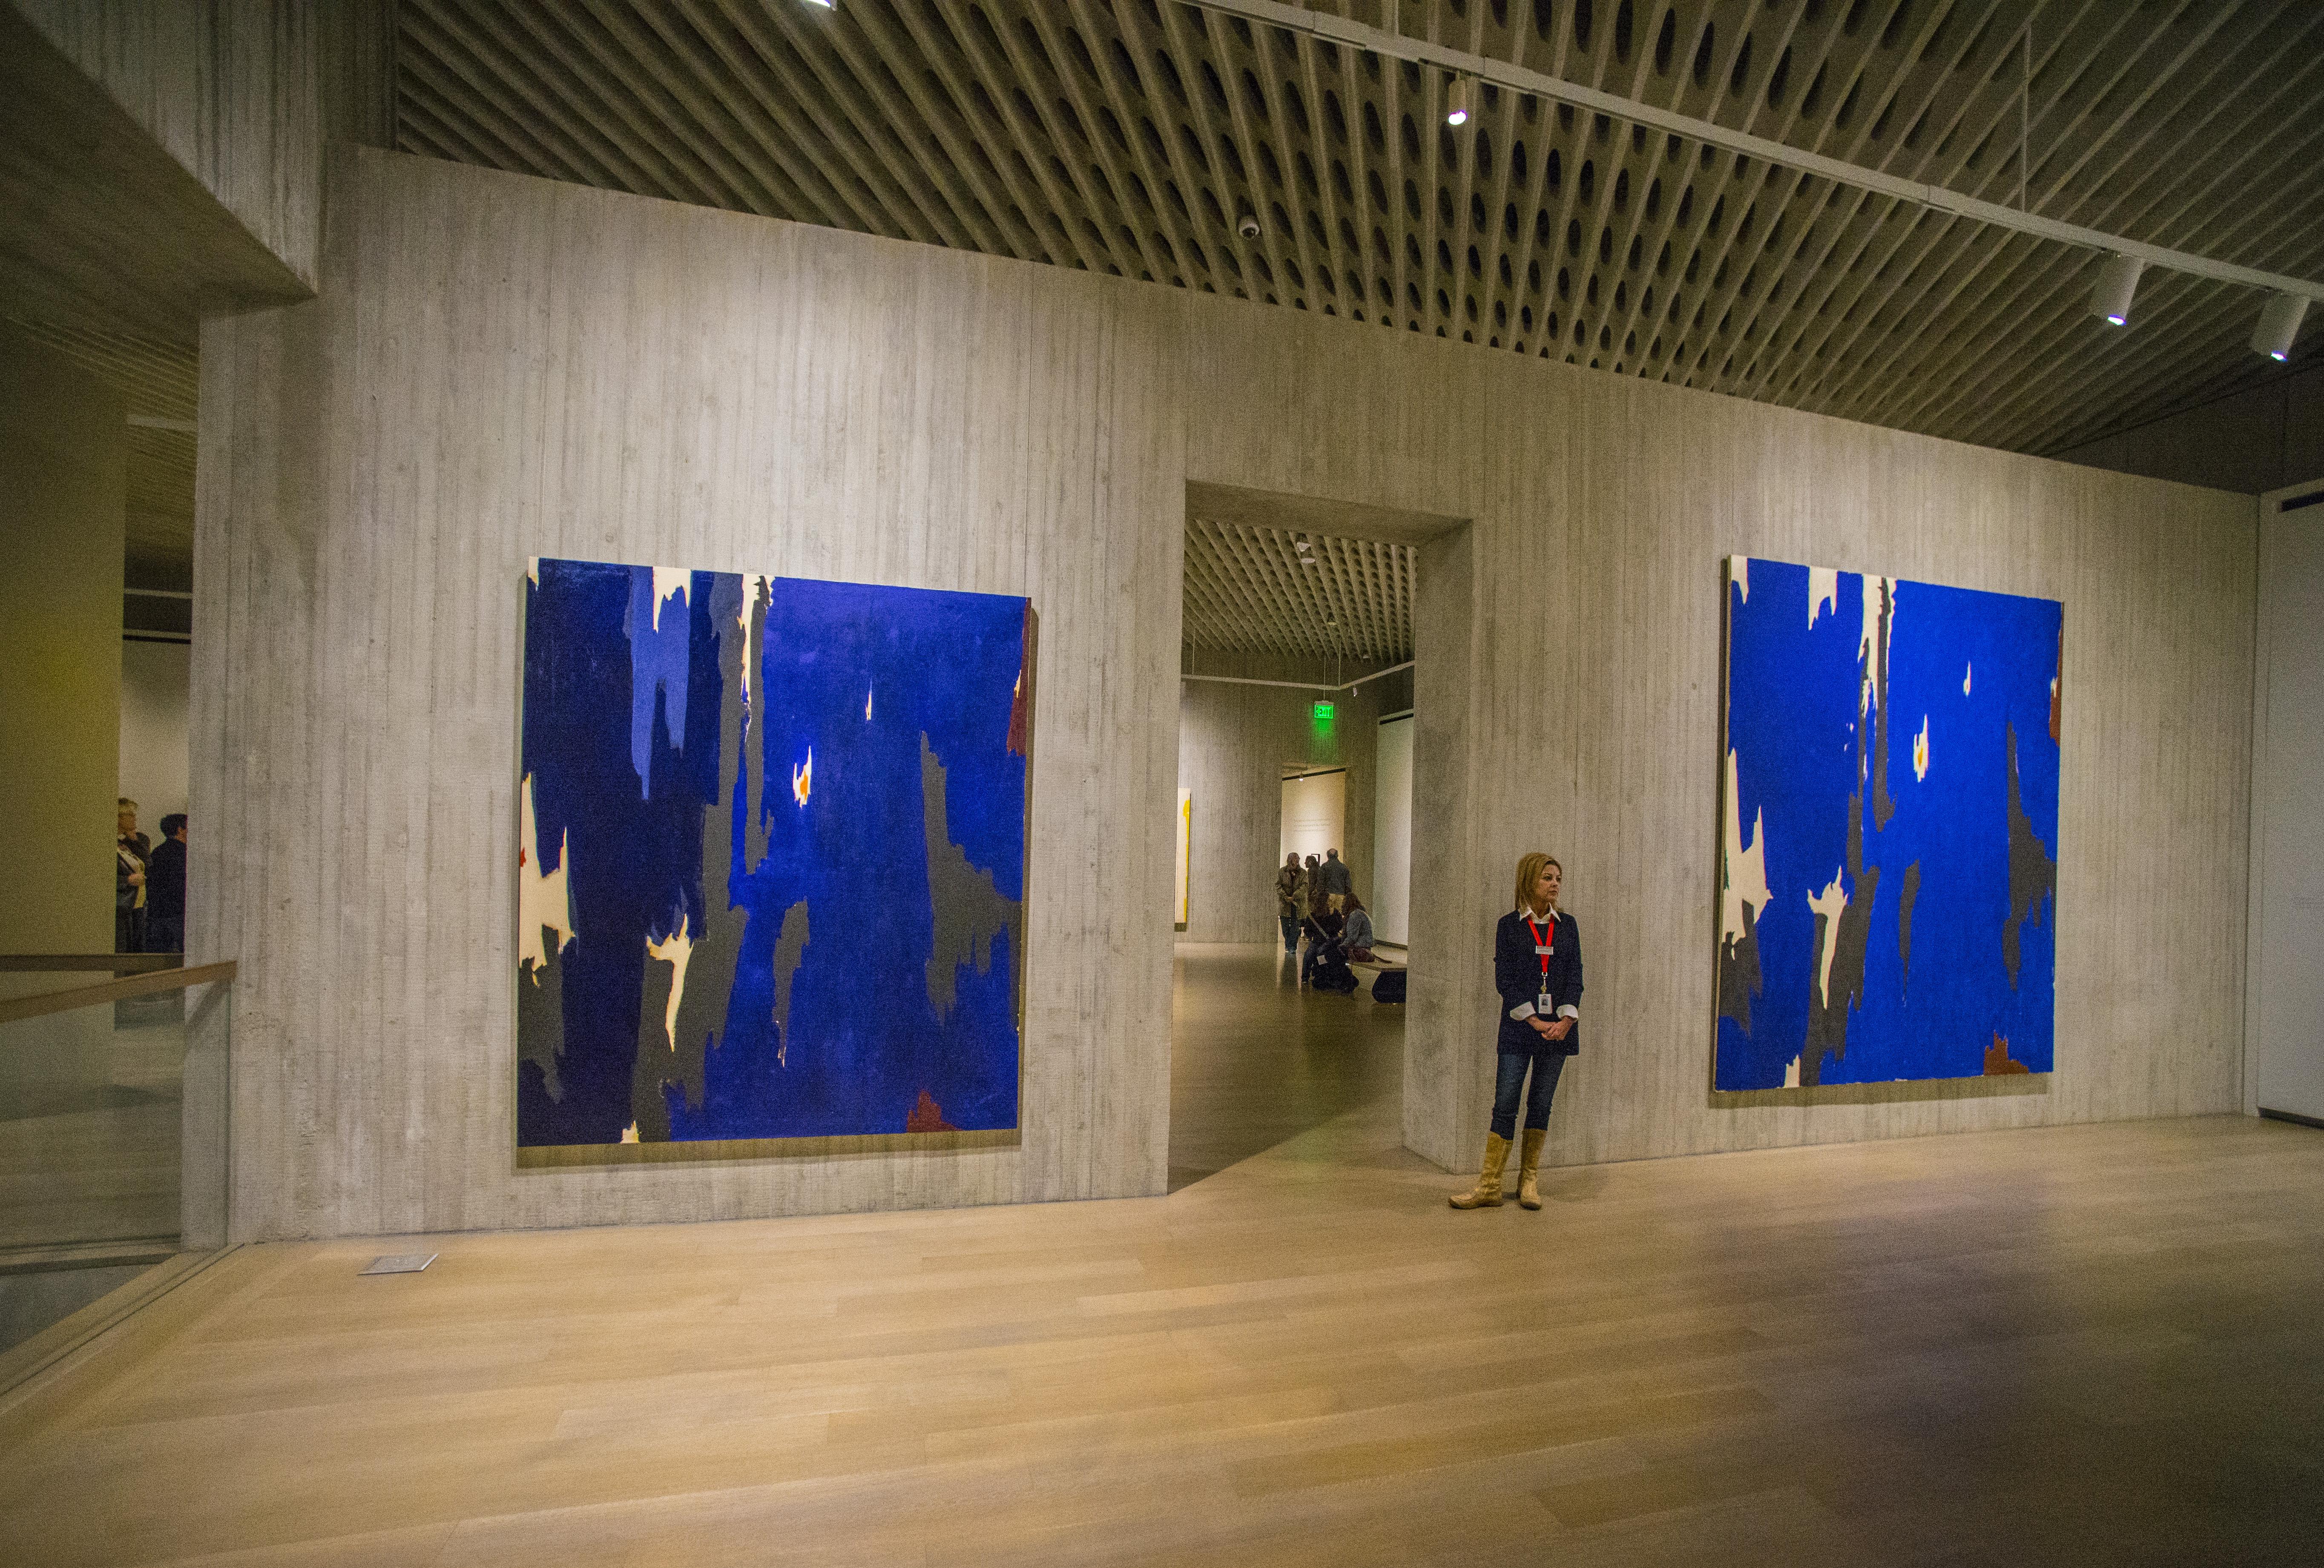 Museums & Exhibits in Denver, Colorado | VISIT DENVER